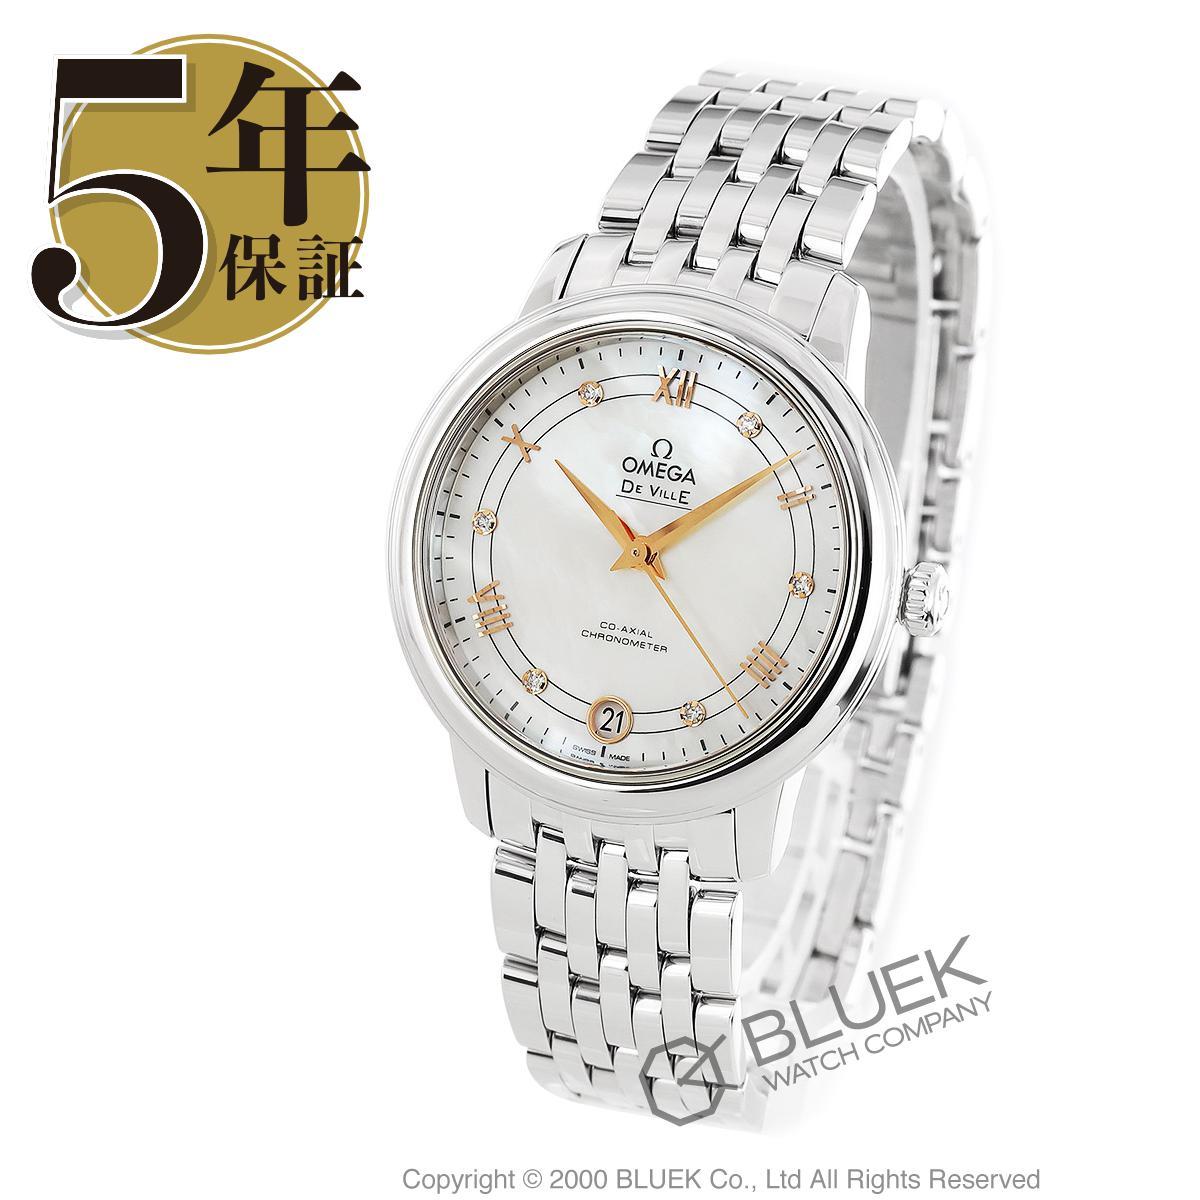 オメガ デビル プレステージ ダイヤ 腕時計 レディース OMEGA 424.10.33.20.55.002_5